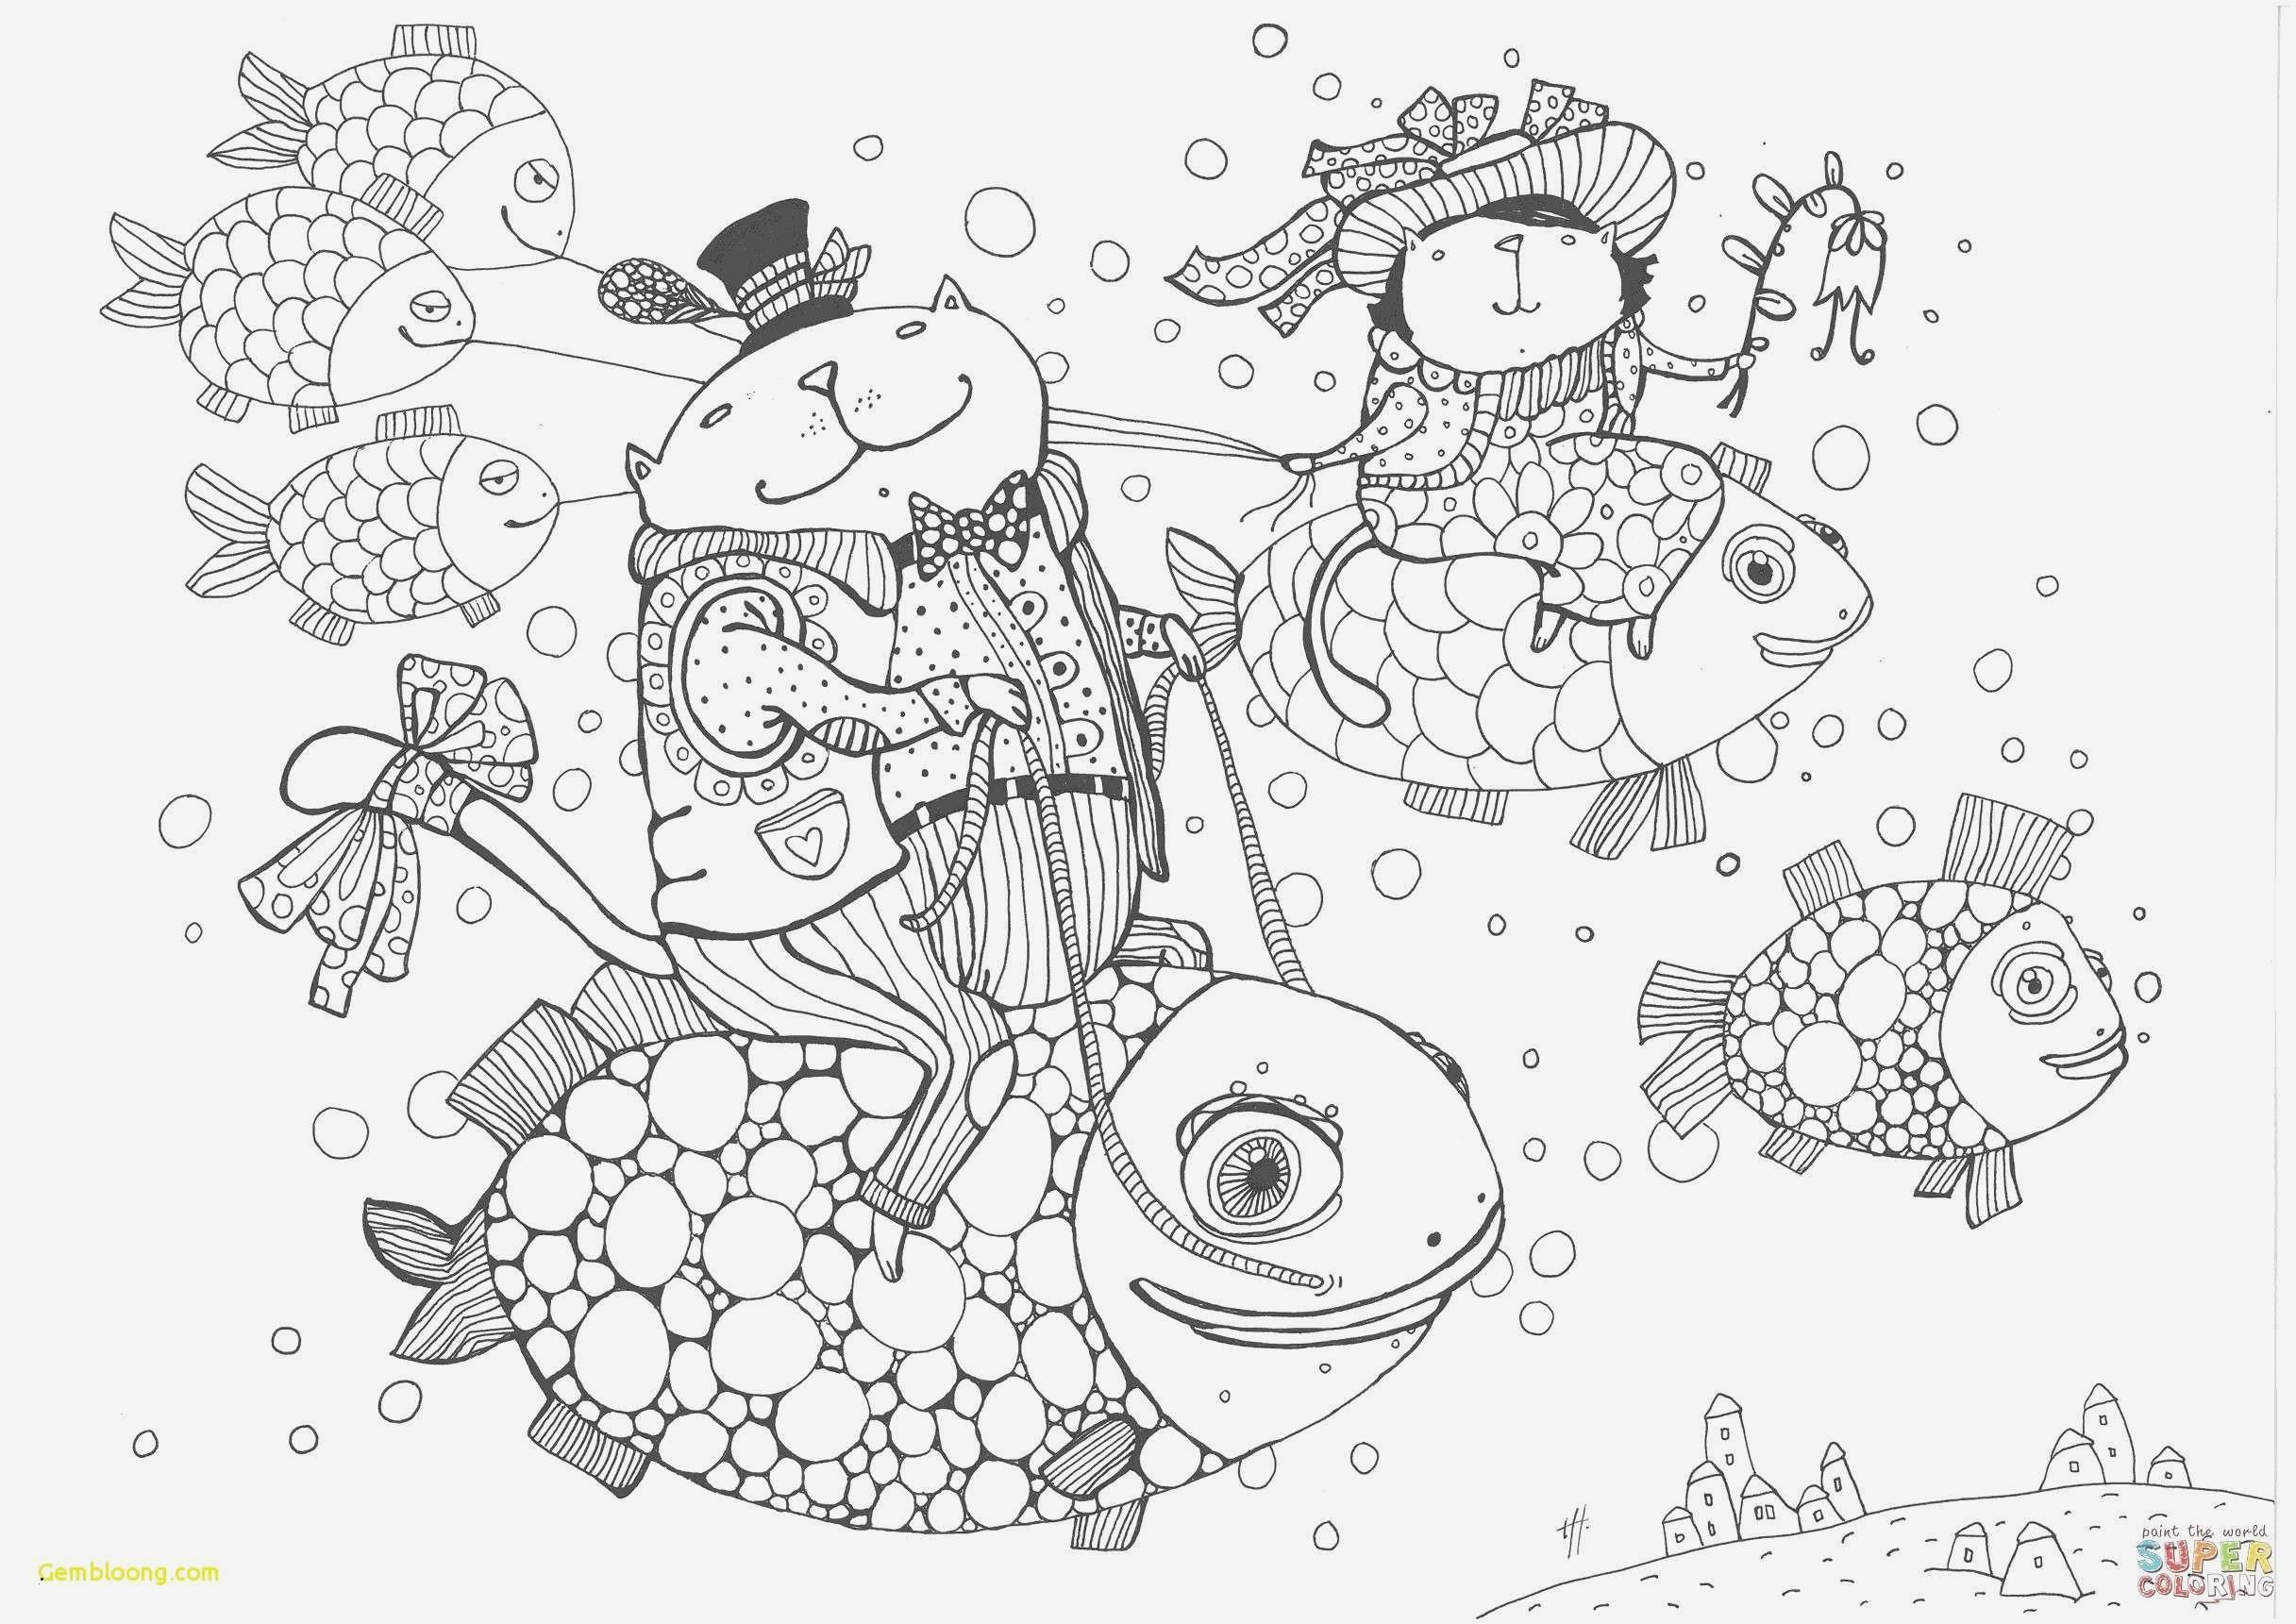 Ausmalbilder Ninjago Zum Ausdrucken Neu Ninjago Malvorlagen Kostenlos Zum Ausdrucken Spannende Coloring Neu Das Bild